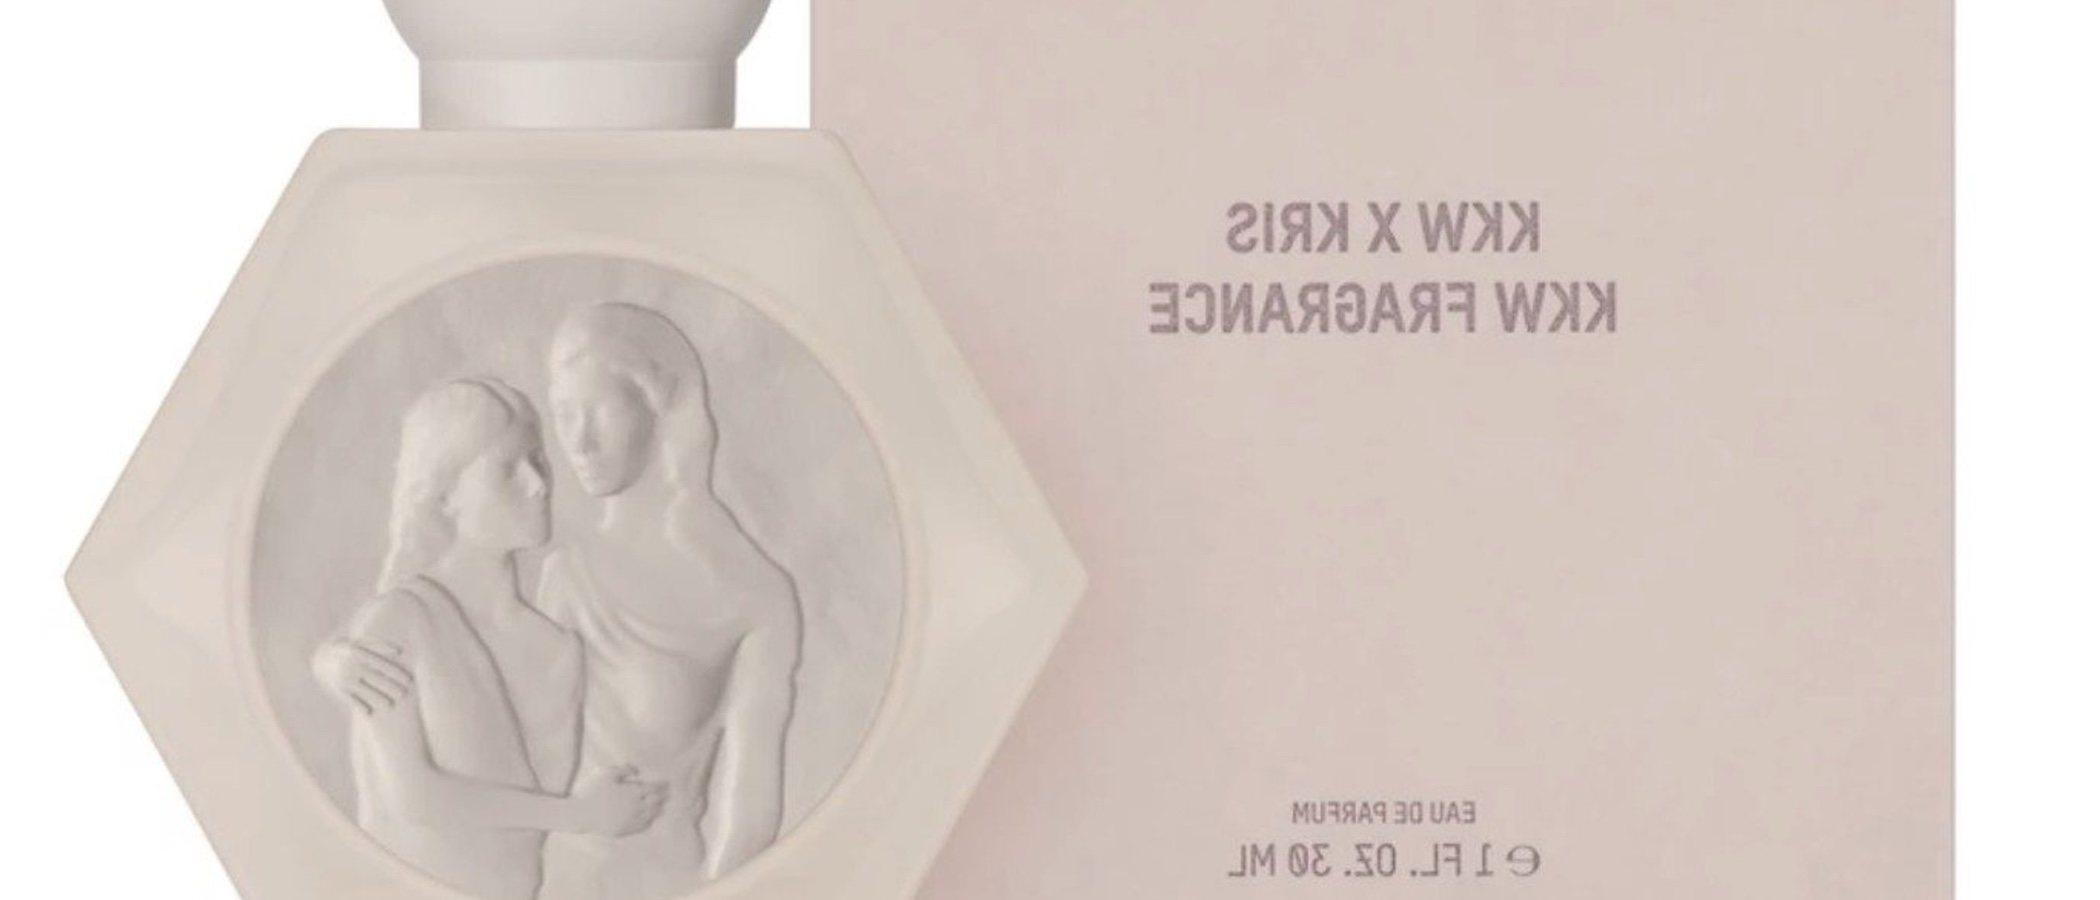 El perfume de Kim Kardashian y Kris Jenner con el que donarán fondos para los más vulnerables por el COVID19